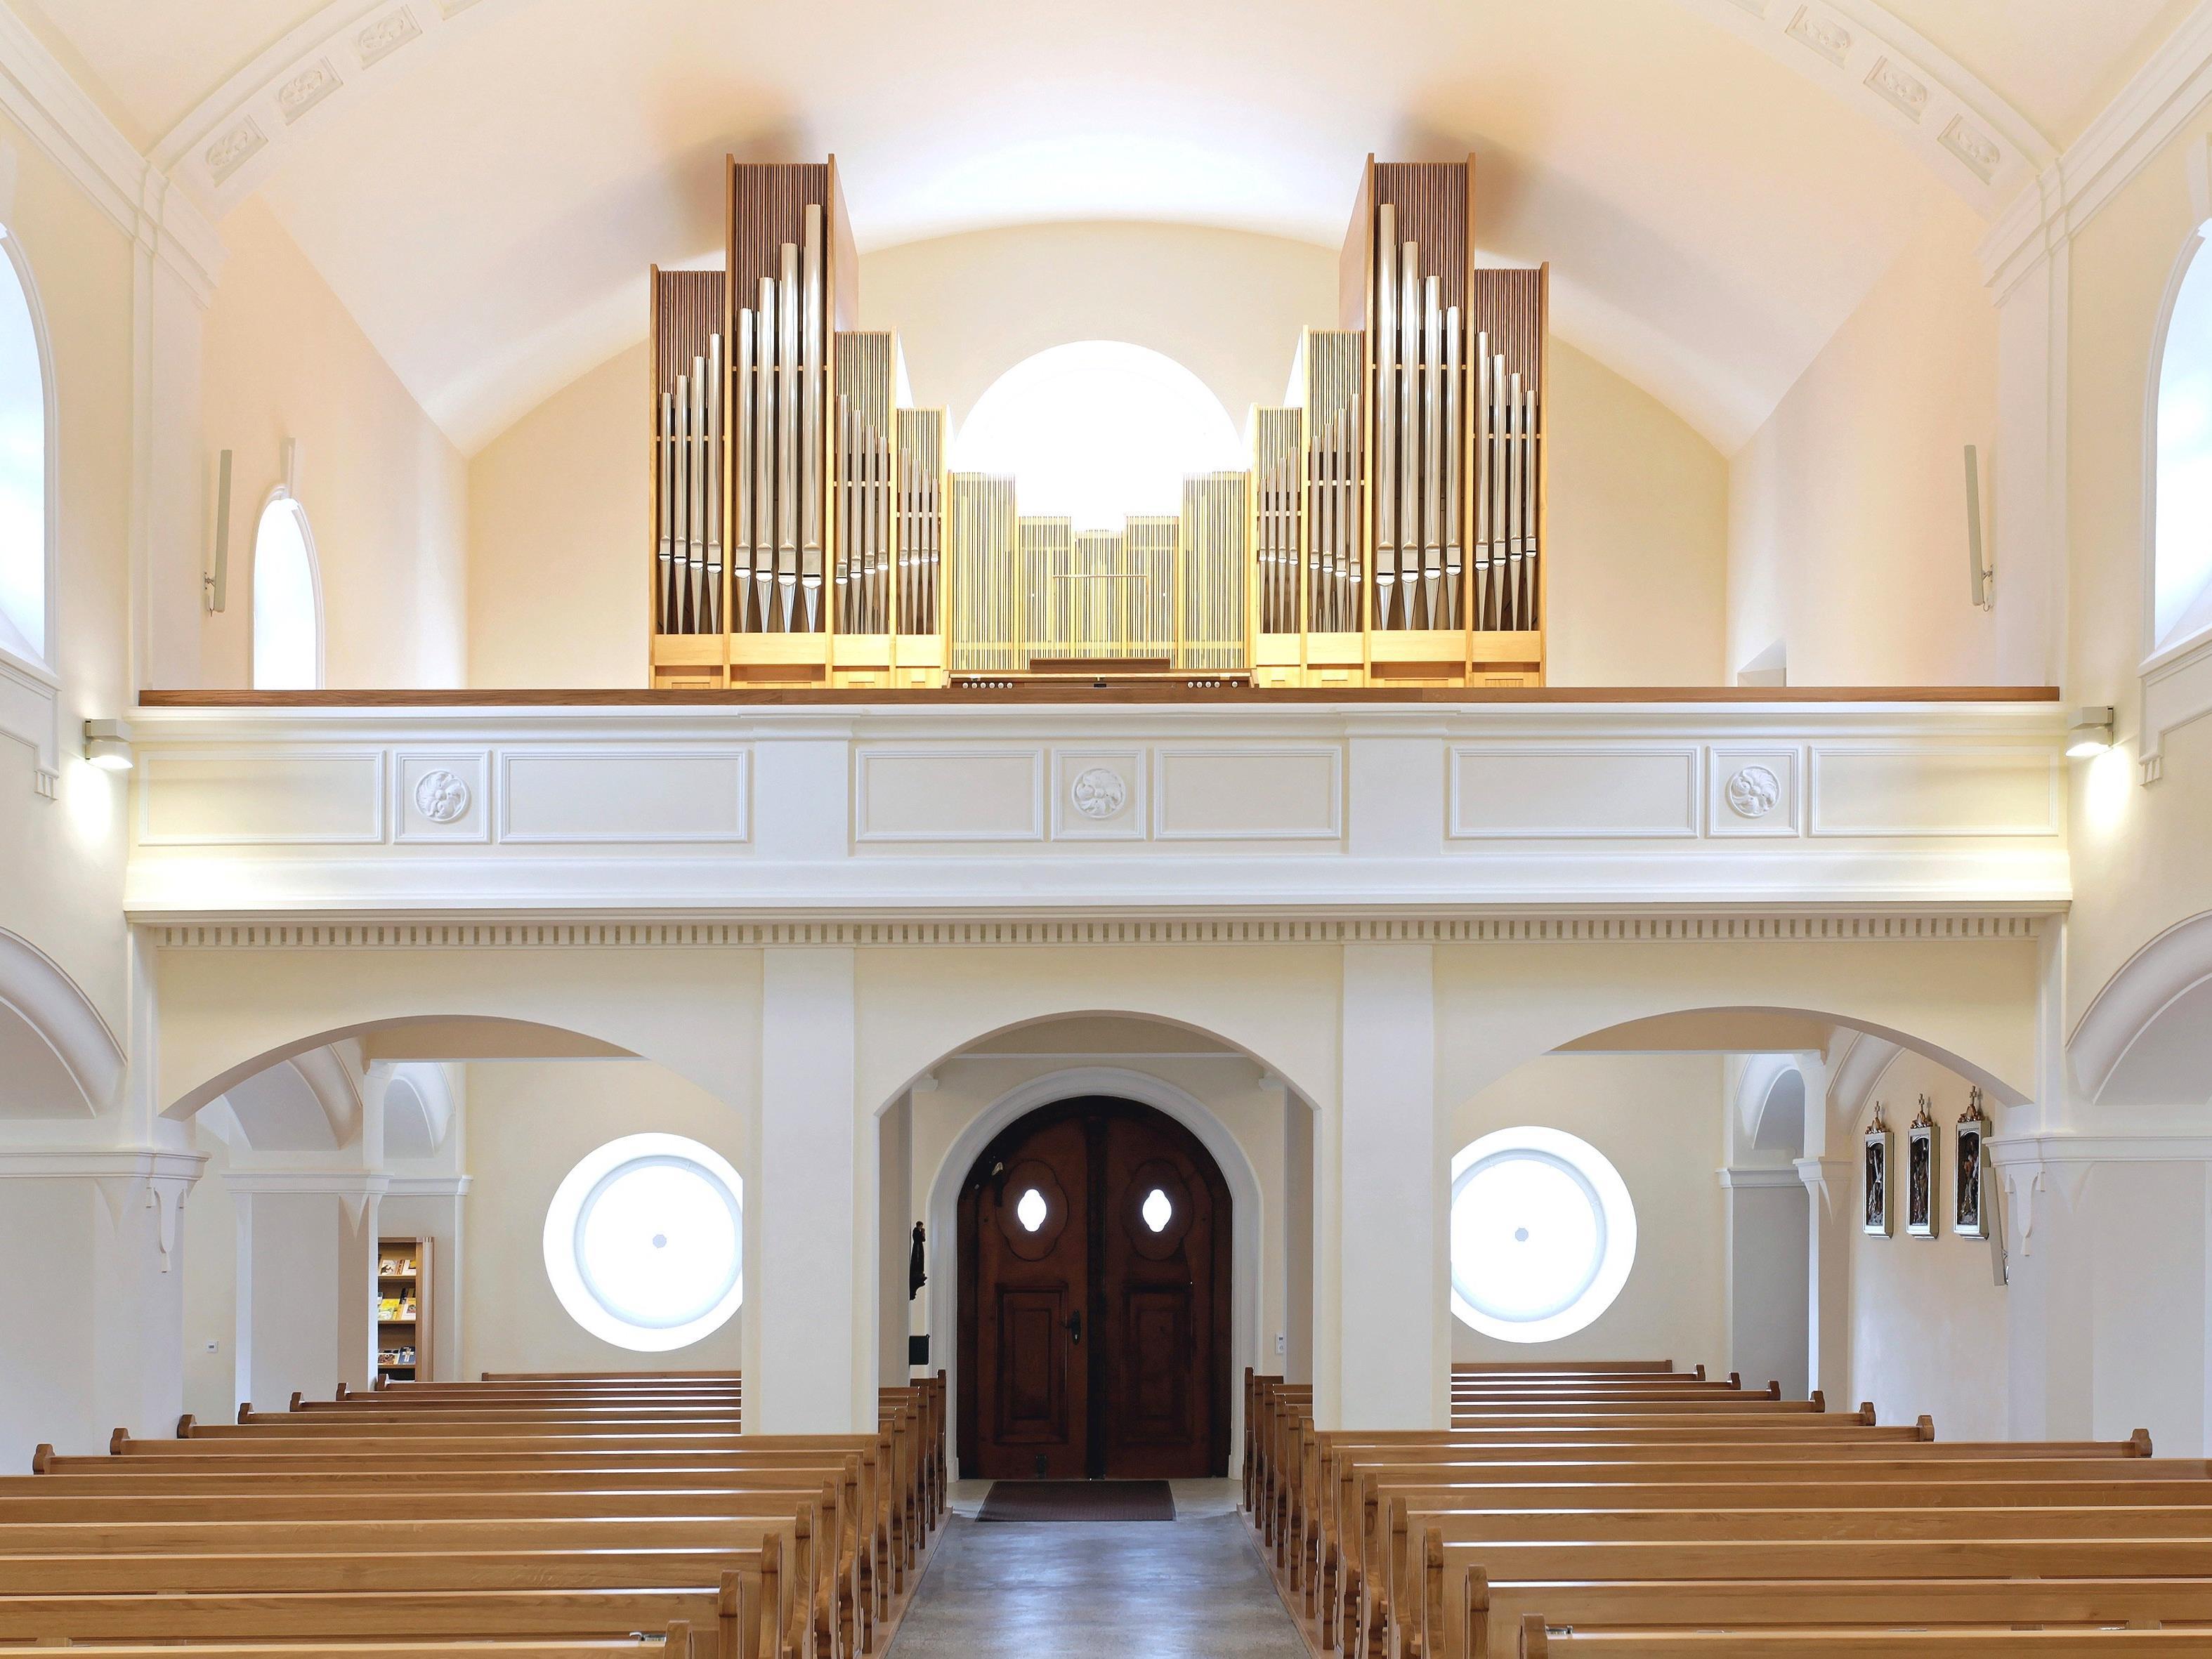 Ansicht der Pflügerorgel in der Pfarrkirche Gisingen